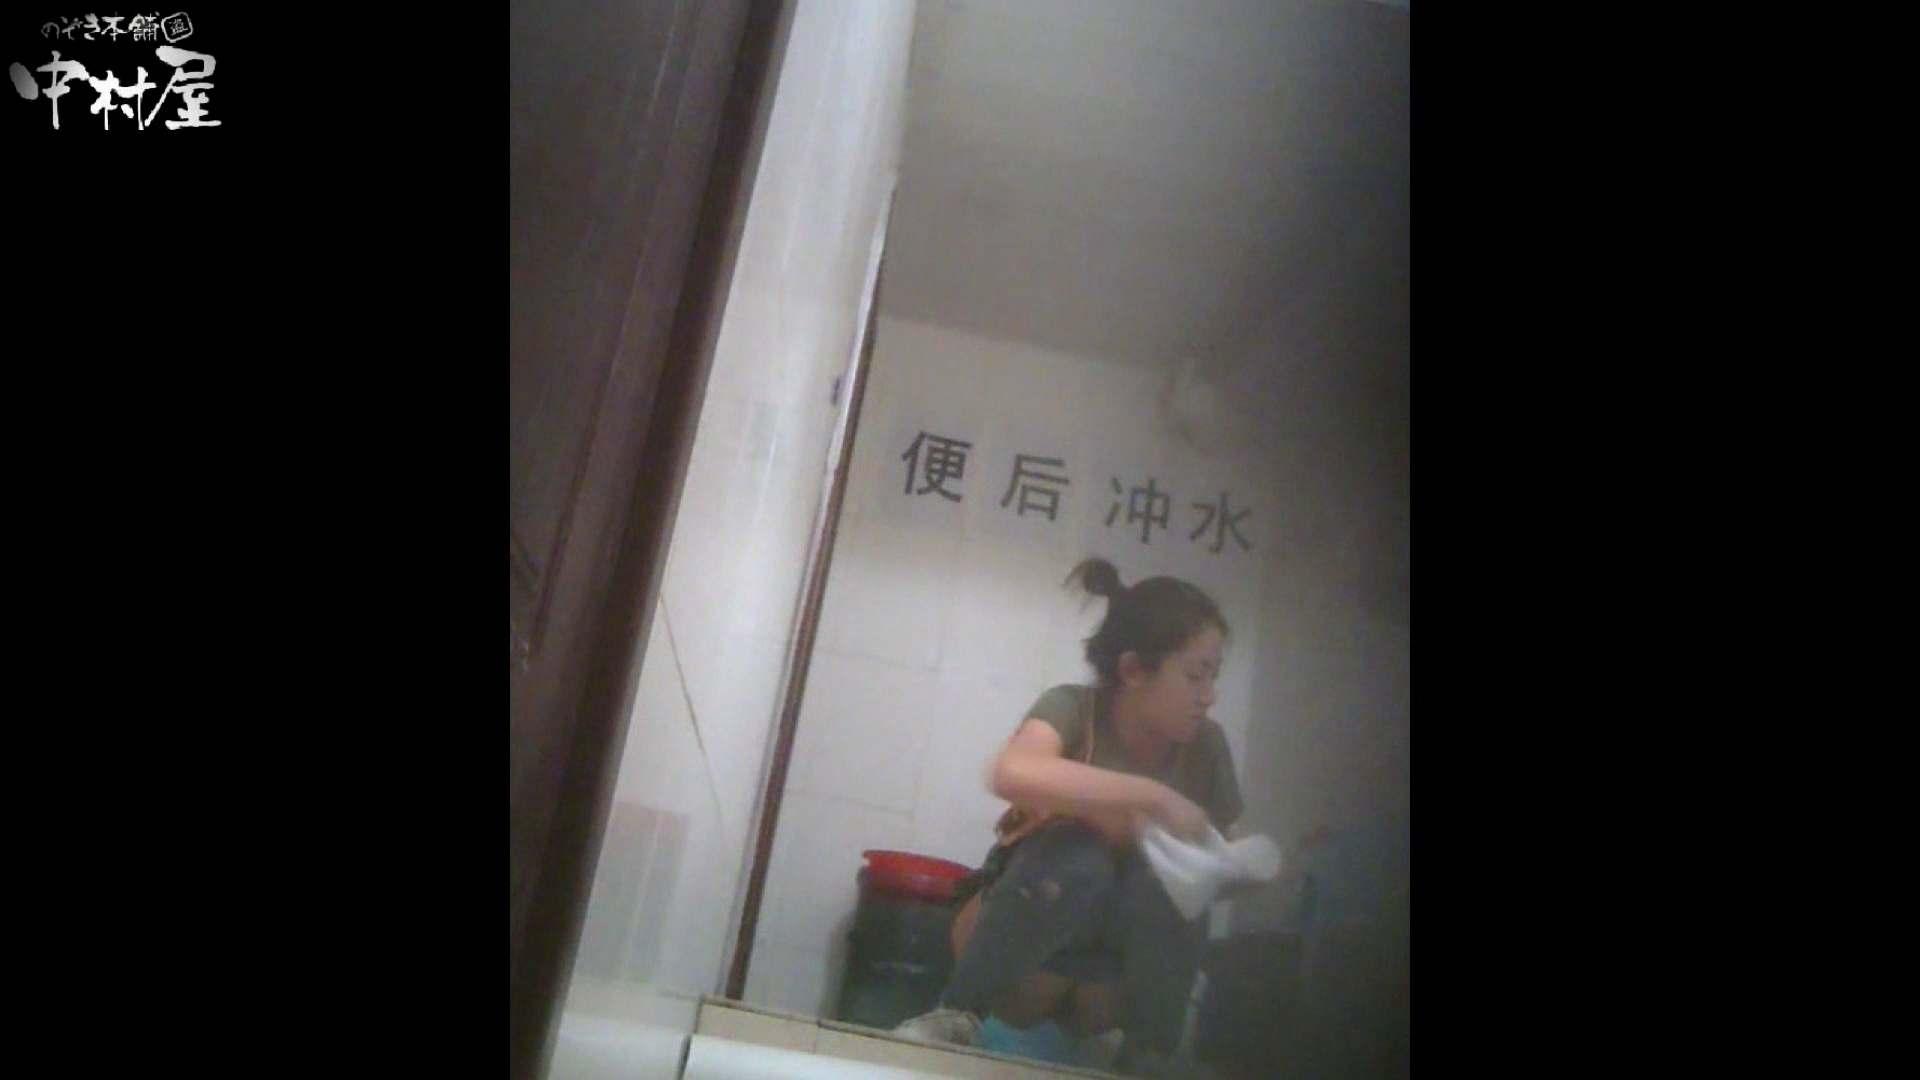 李さんの盗撮日記 Vol.03 トイレの中の女の子 セックス画像 77連発 4